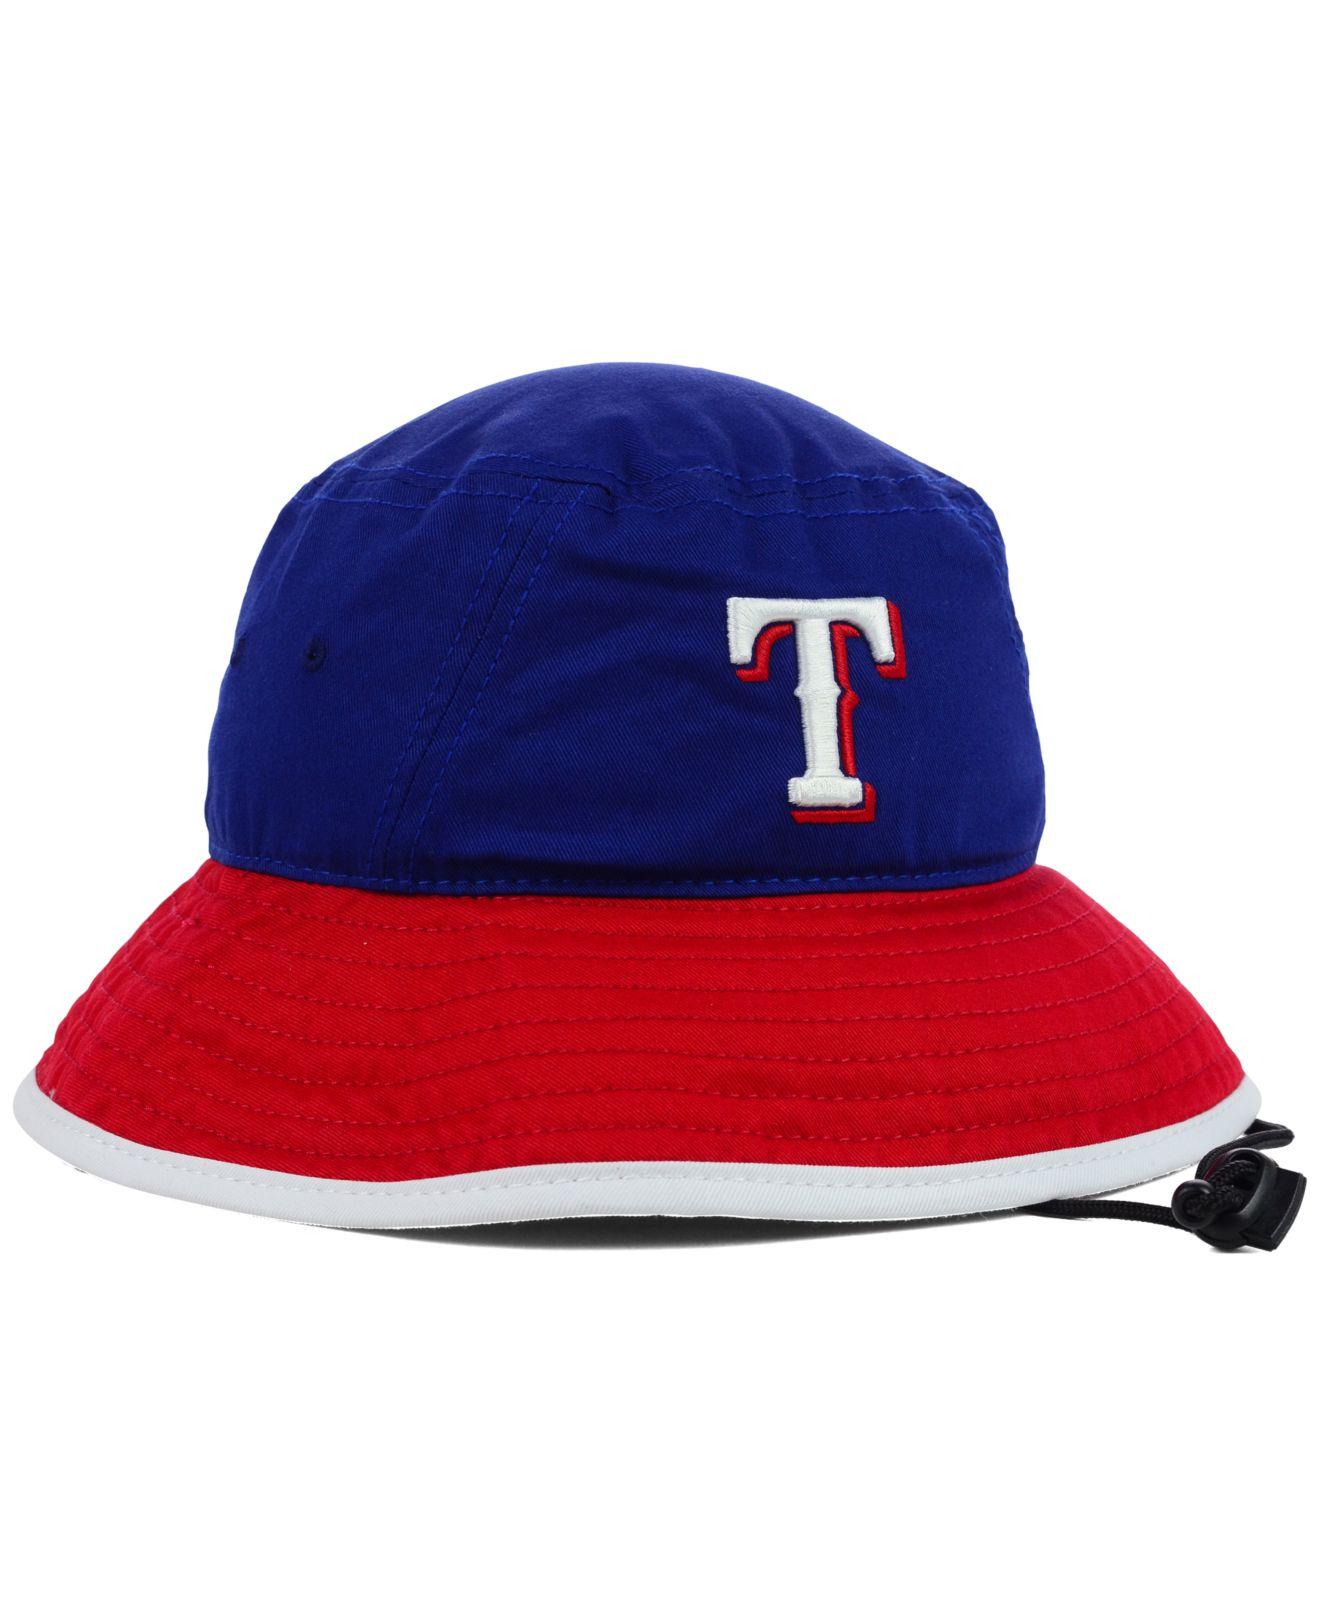 0e183bbdb norway texas rangers bucket hat eaa5b d3bf7